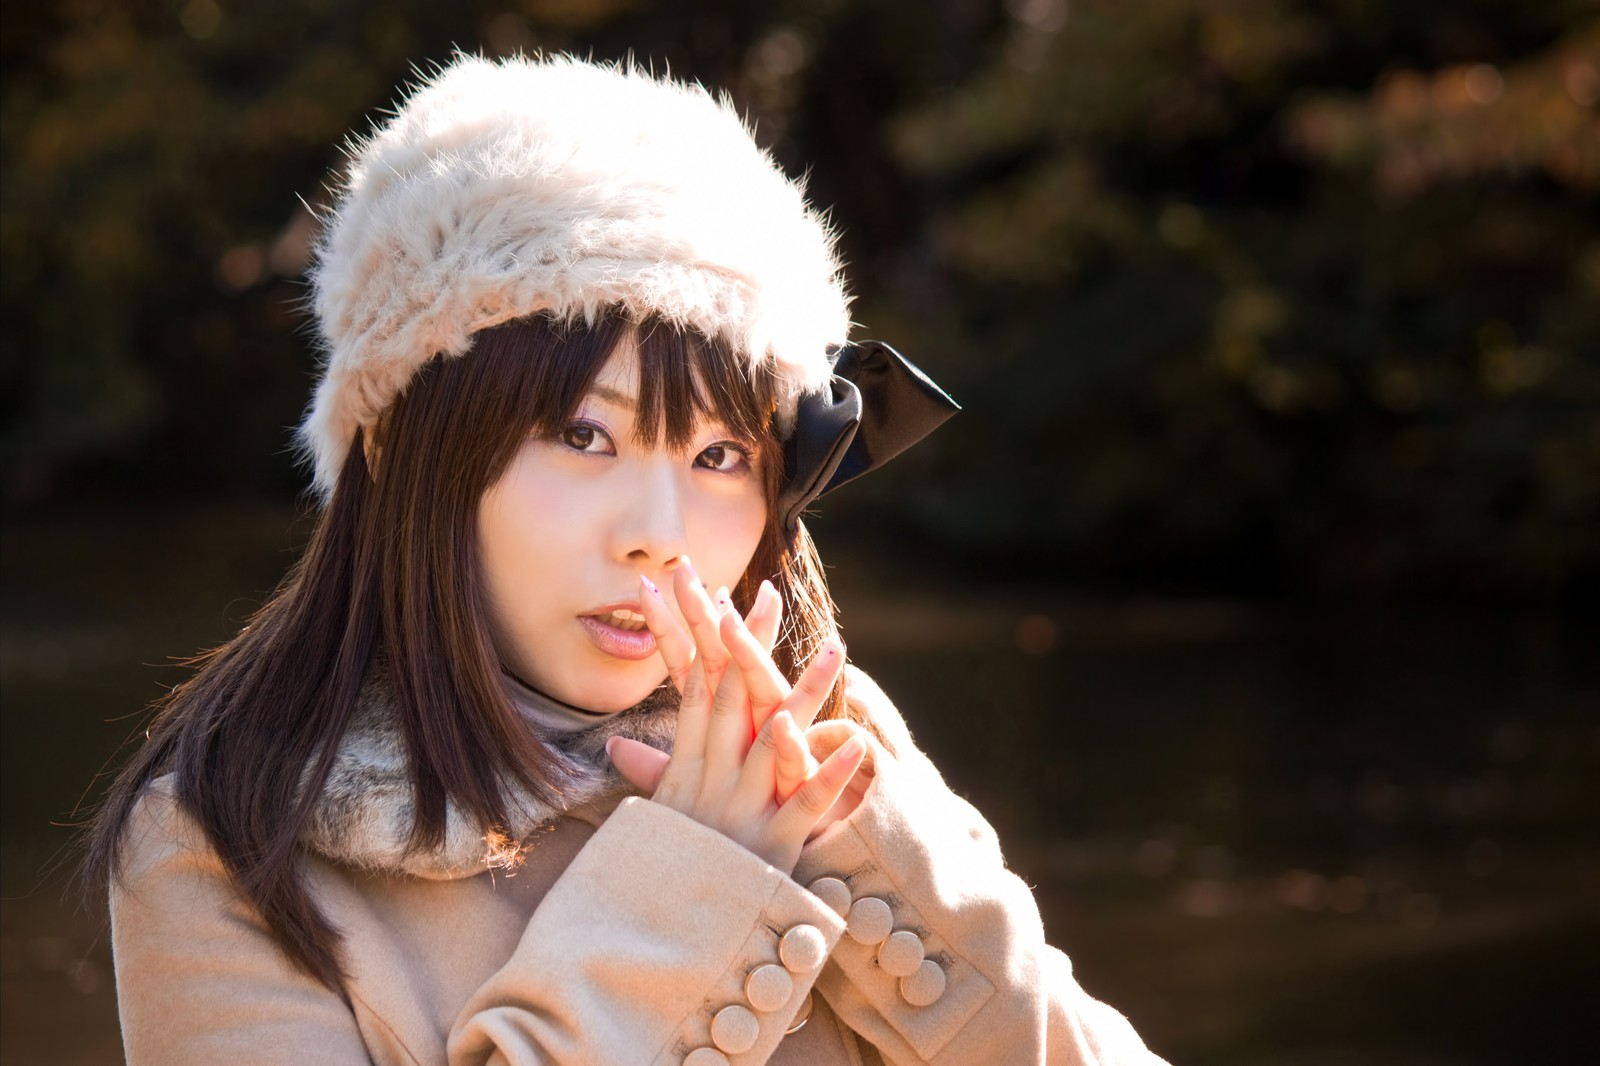 「寒くて息で手を温めるロシア帽の女性」の写真[モデル:Lala]